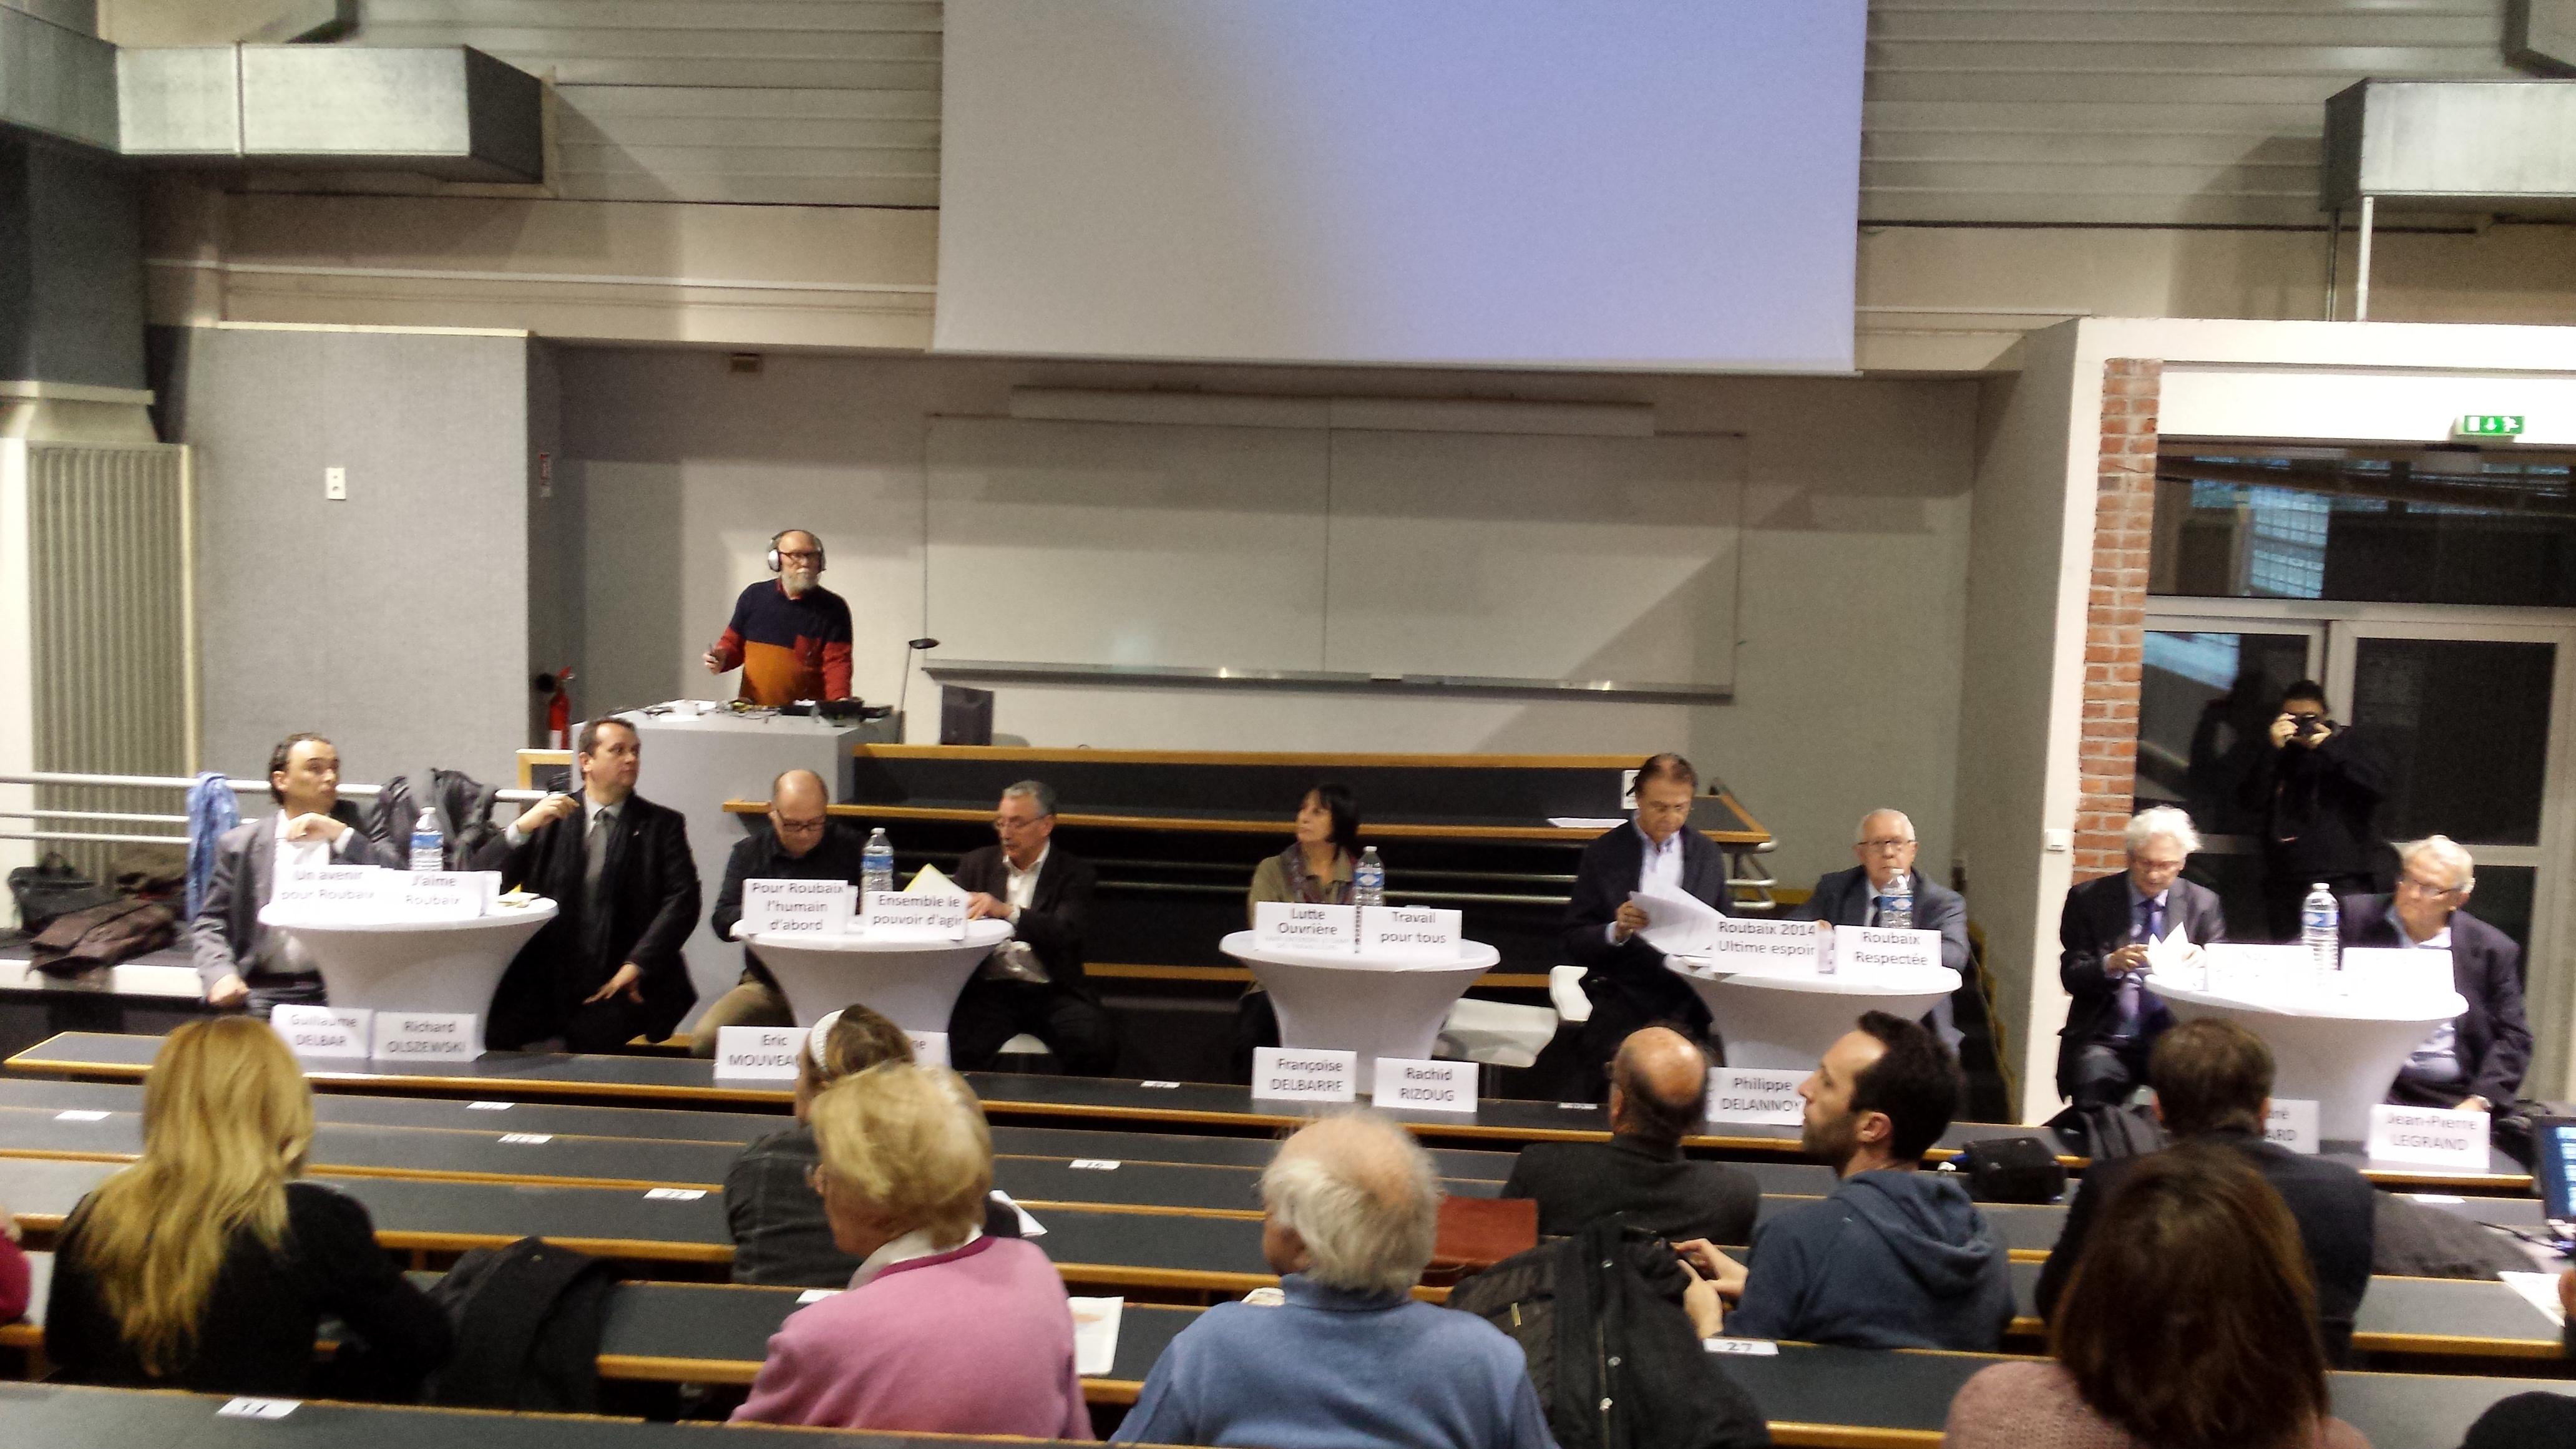 Le débat au grand amphi de l'IUP Infocom